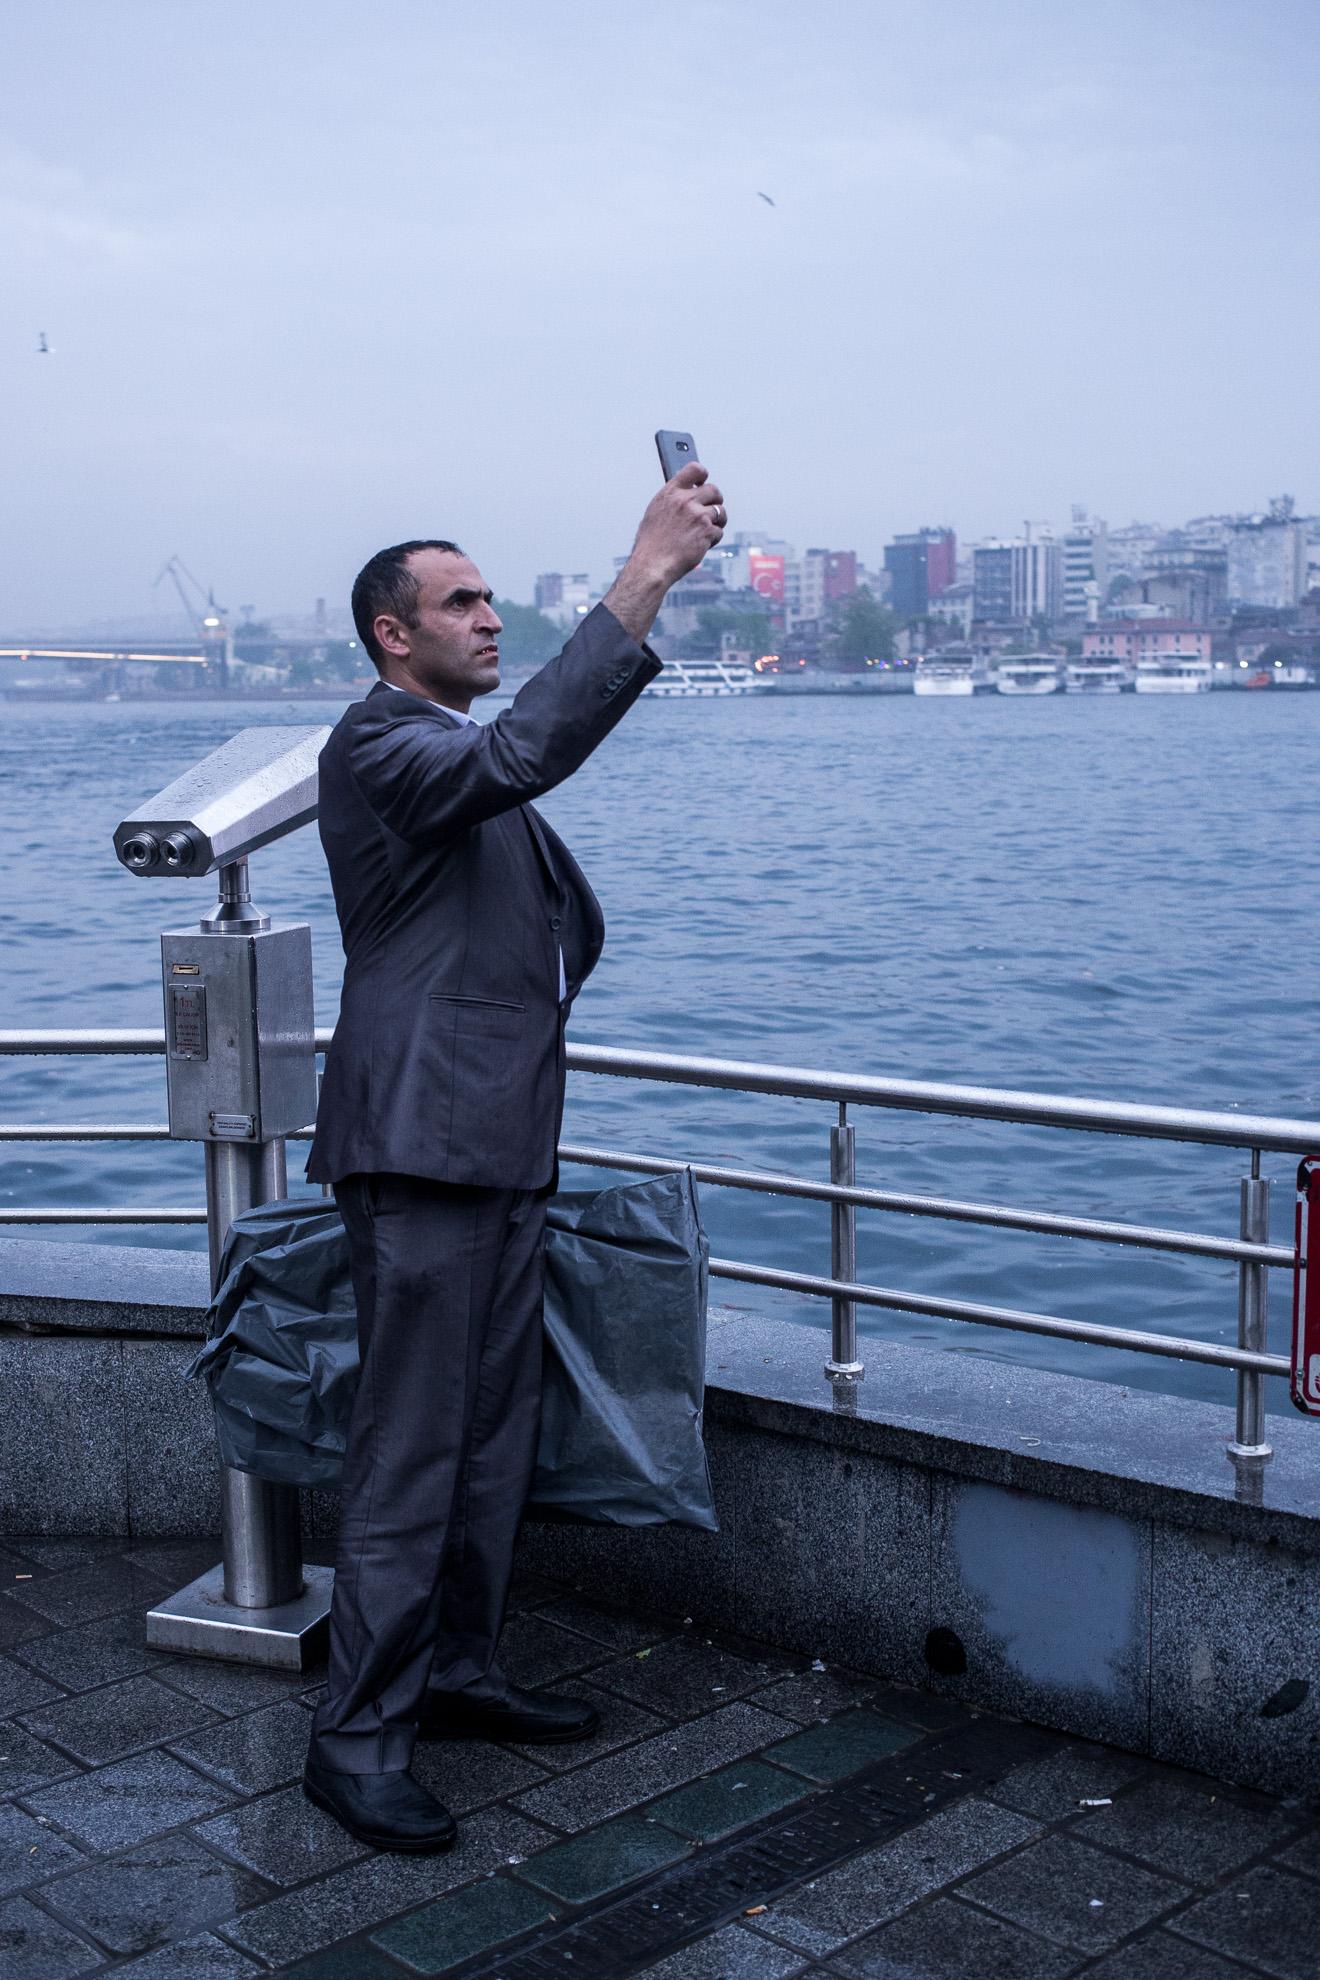 O Saillard Photographe Istanbul-015.jpg